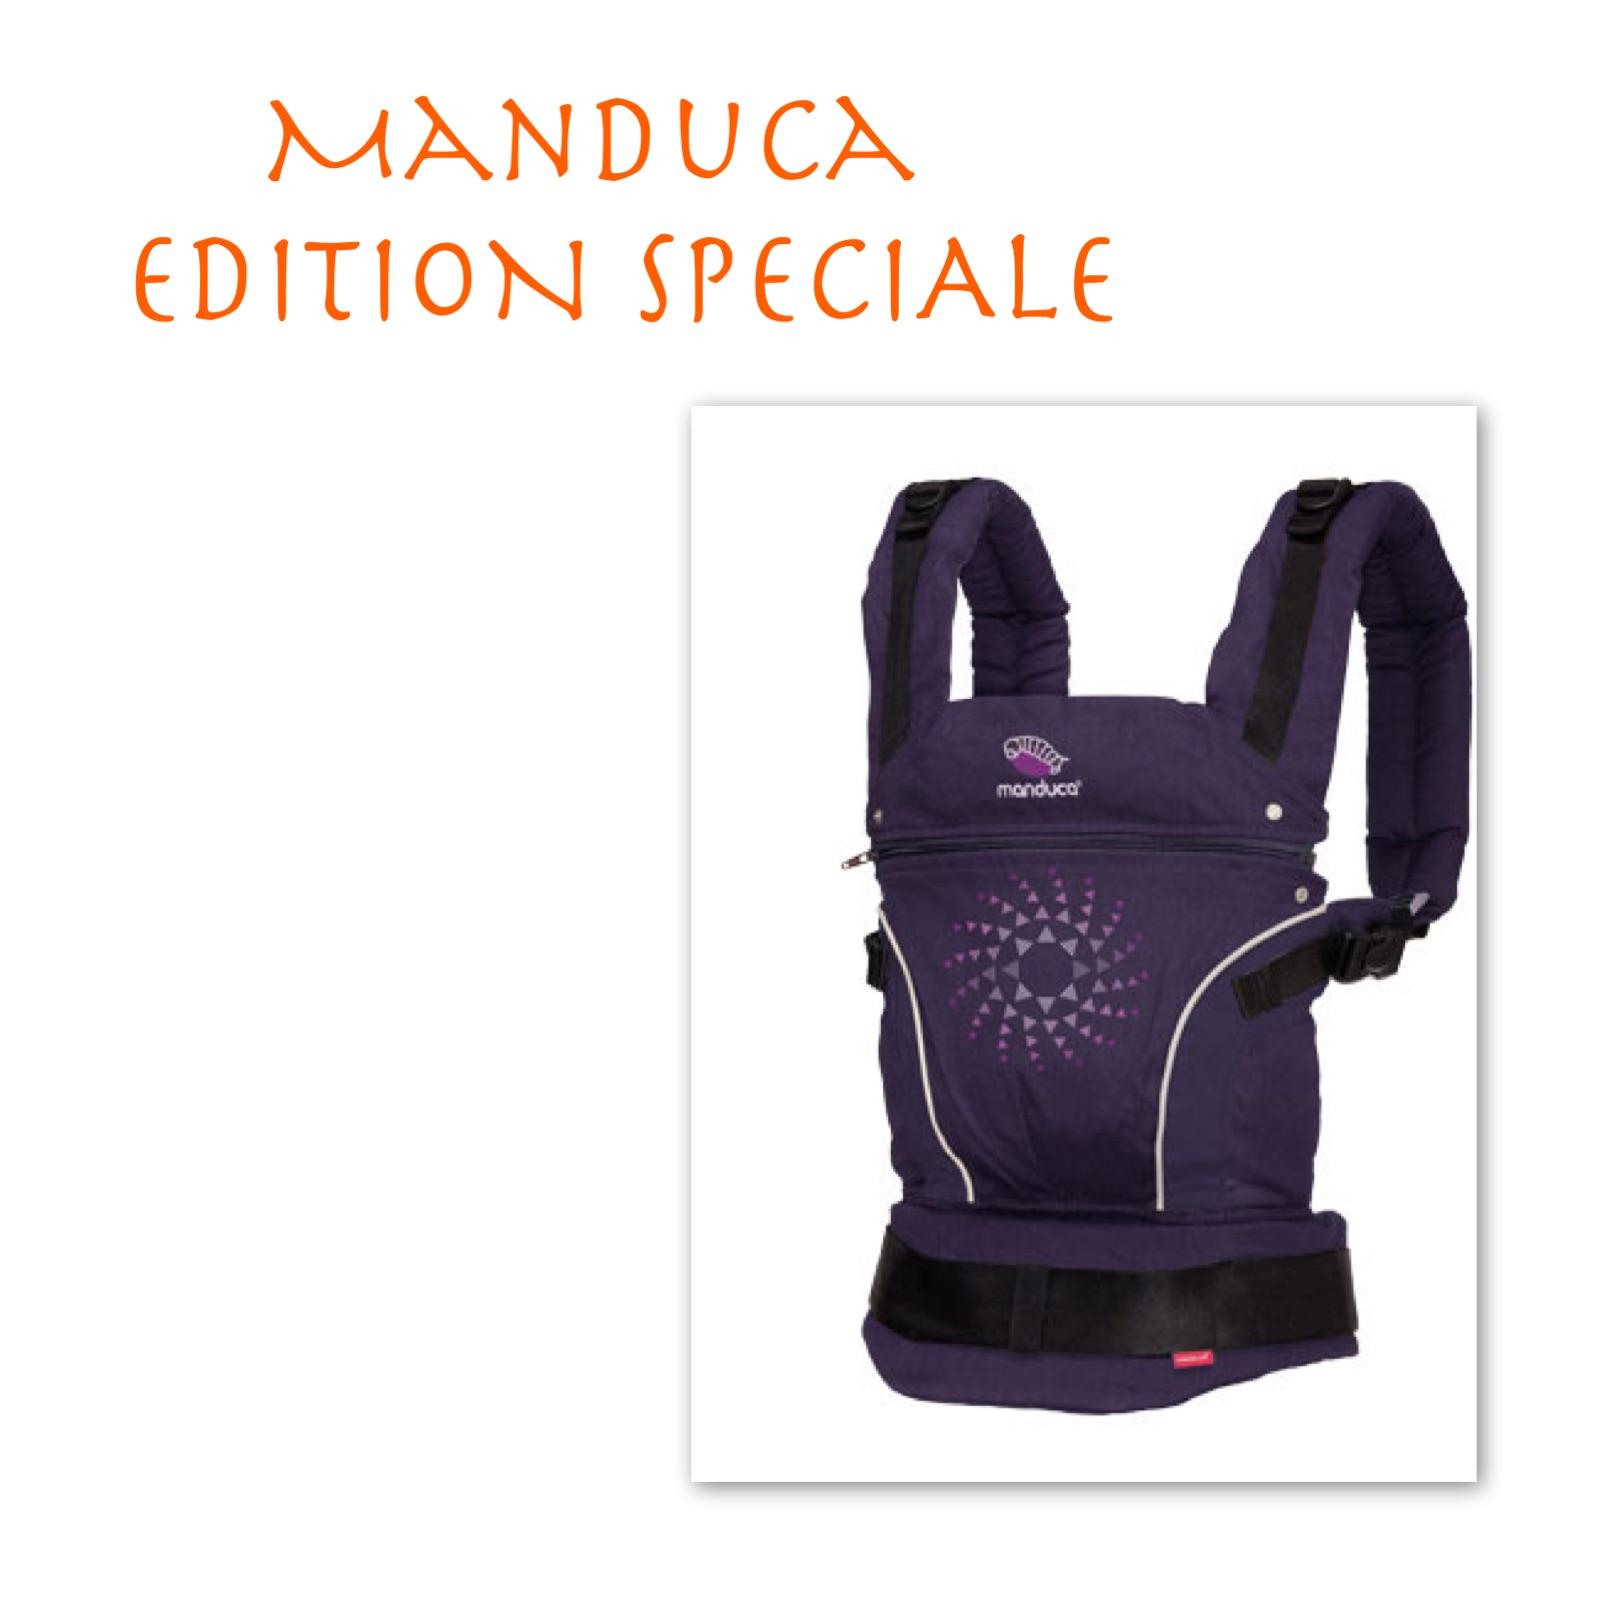 Manduca - edition spéciale